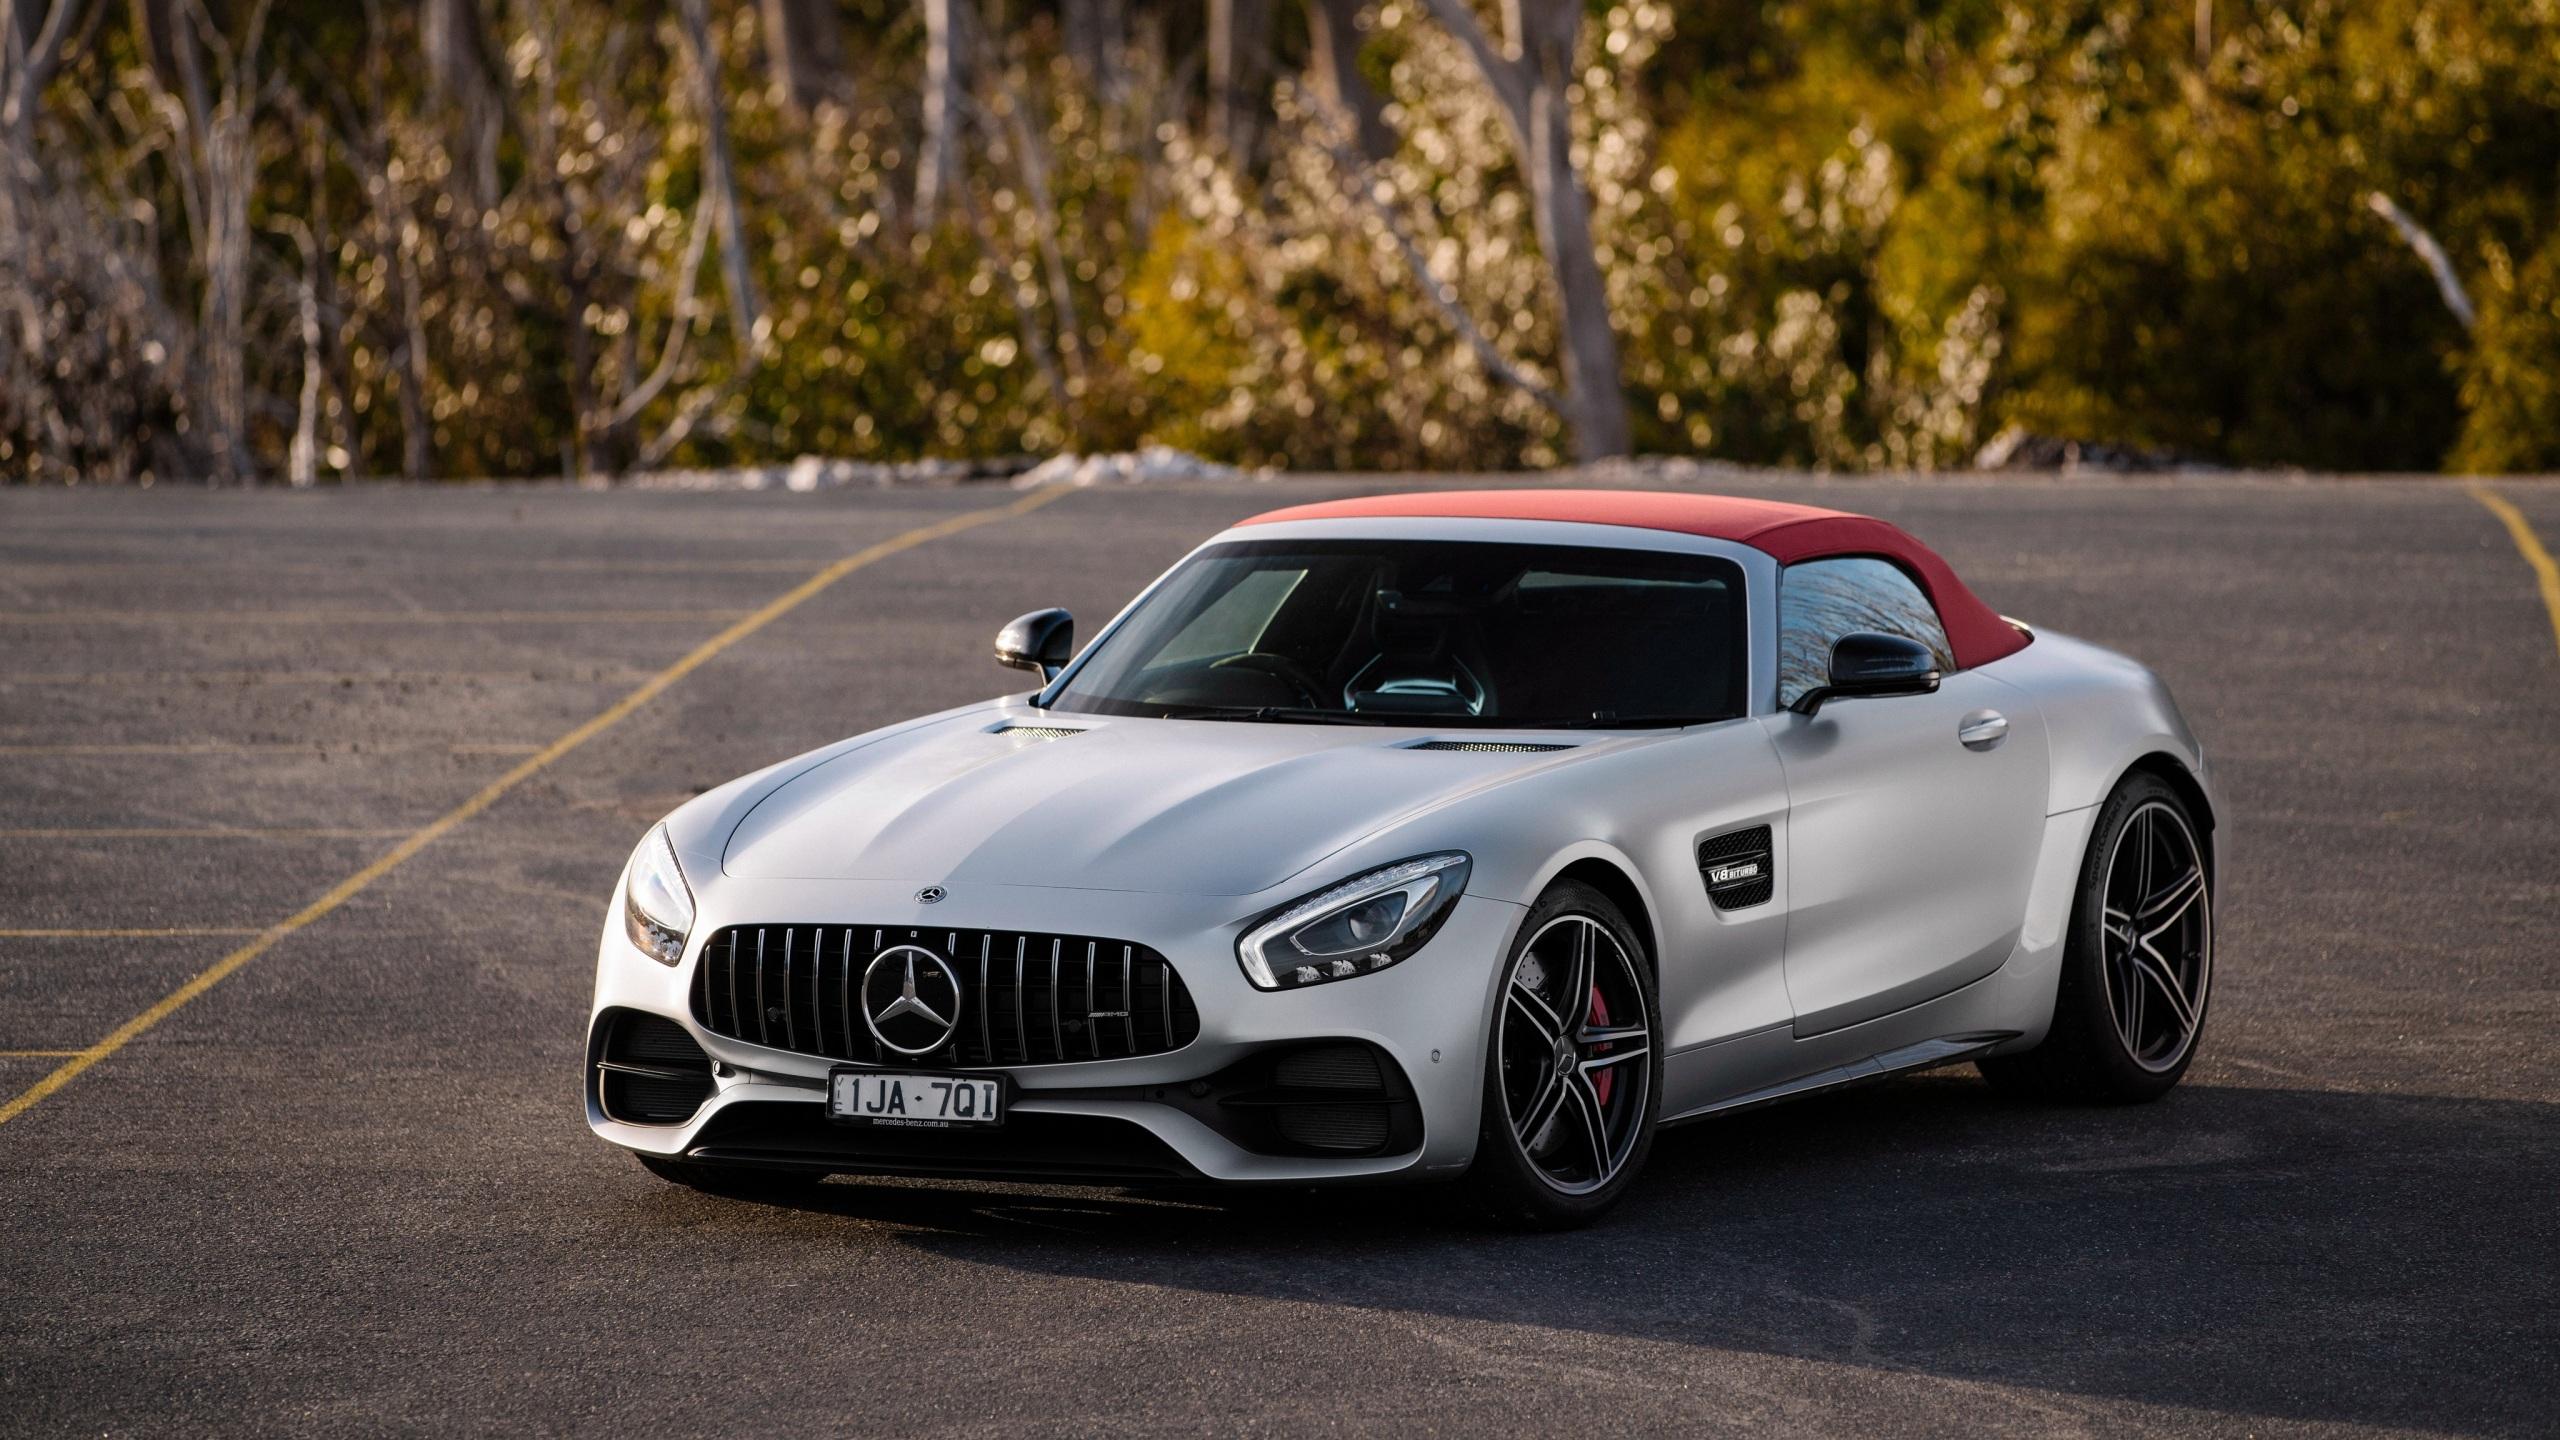 Фотографии Mercedes-Benz AMG 2018 GT C Родстер серебристая Автомобили 2560x1440 Мерседес бенц серебряный серебряная Серебристый авто машина машины автомобиль